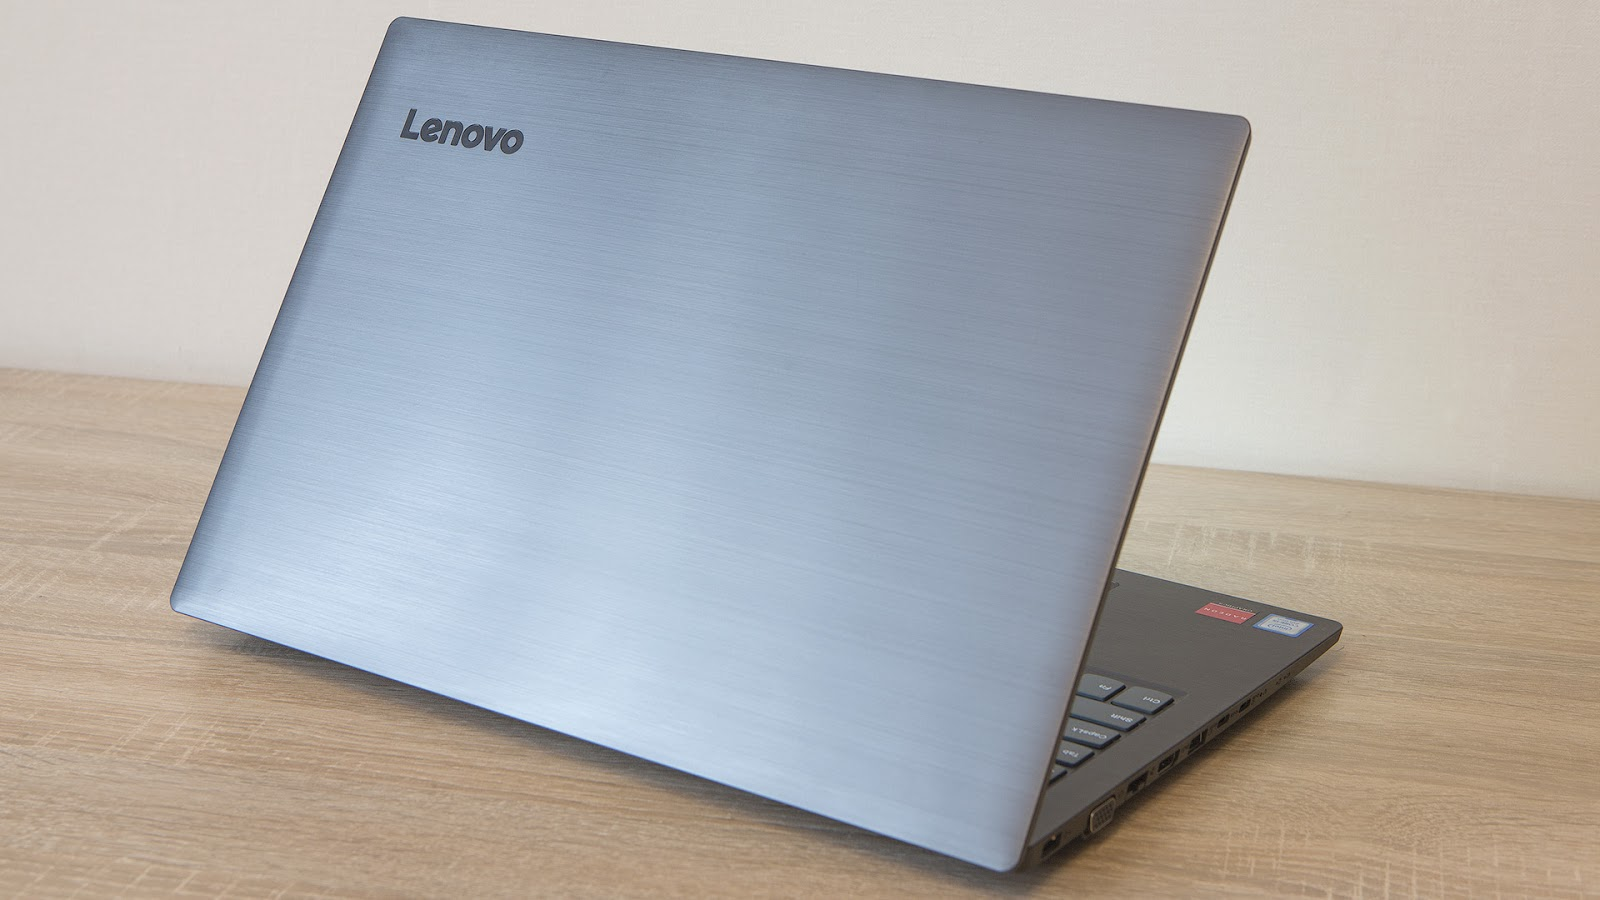 Обзор ноутбука Lenovo V330-15: надёжный офисный трудяга - 1